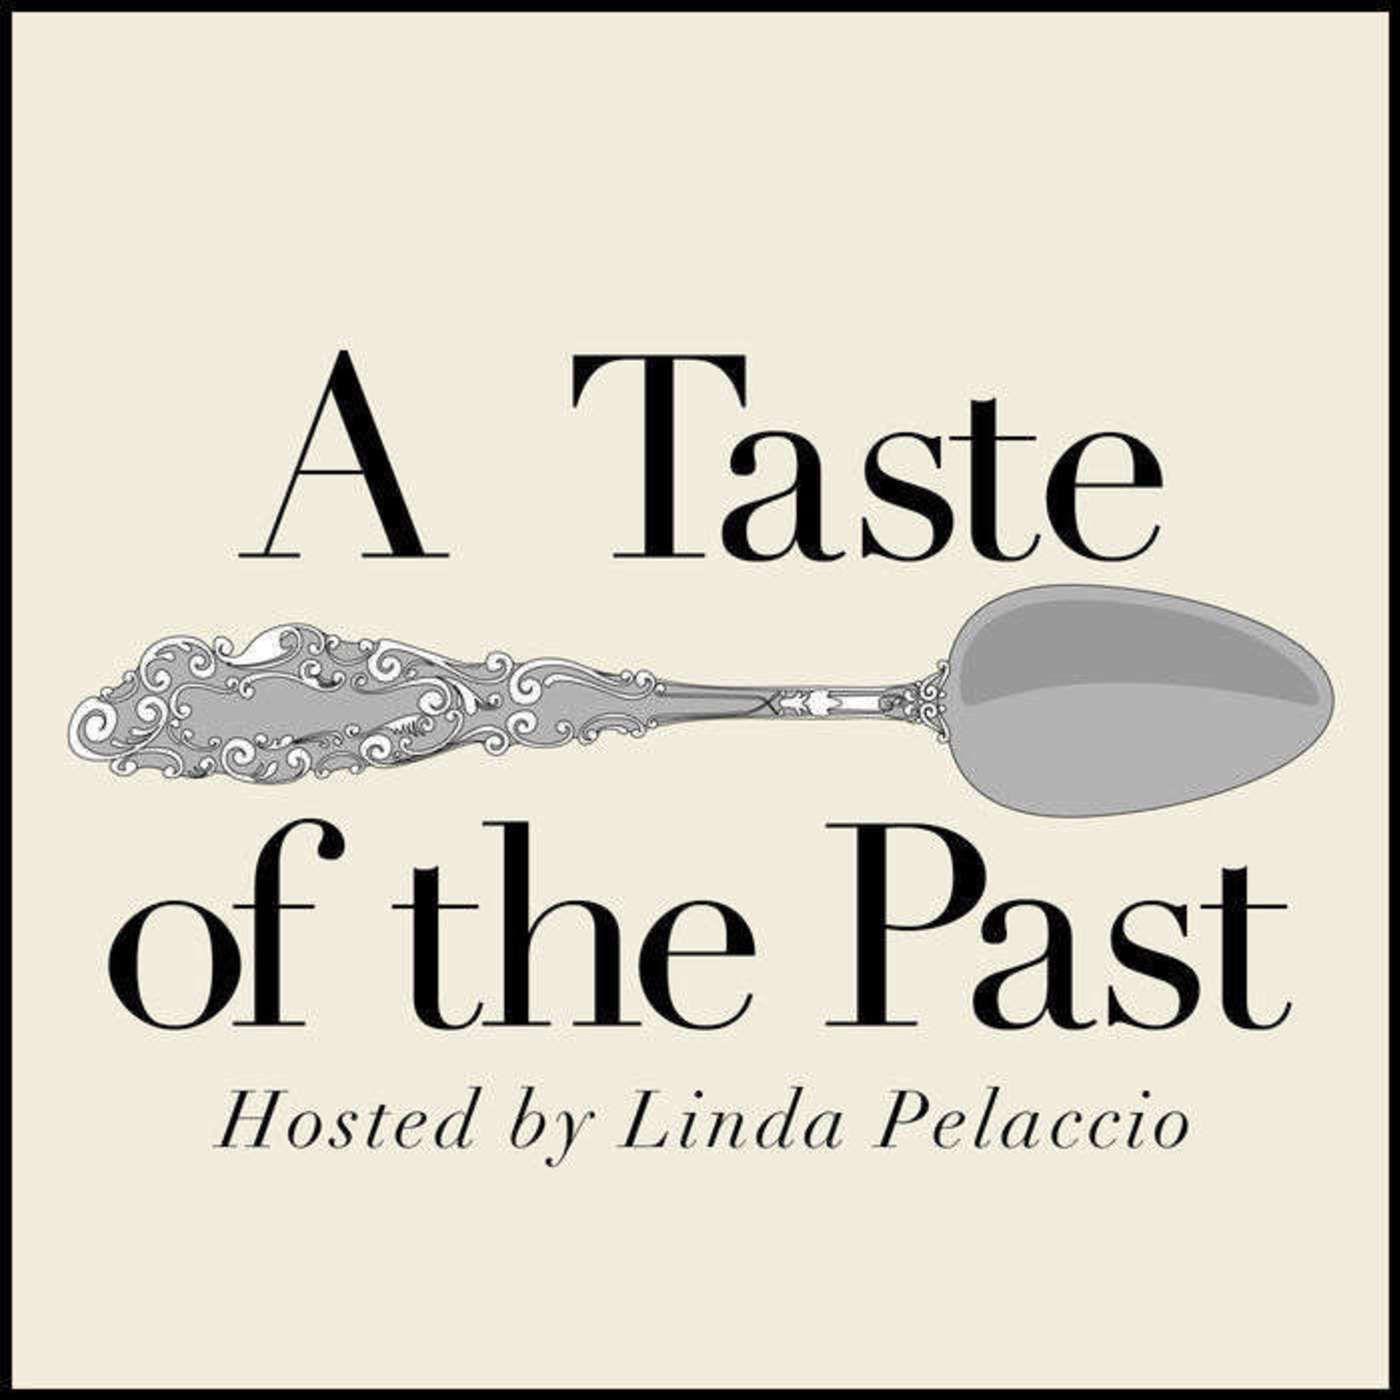 Episode 147: The Beekman 1802 Heirloom Dessert Cookbook